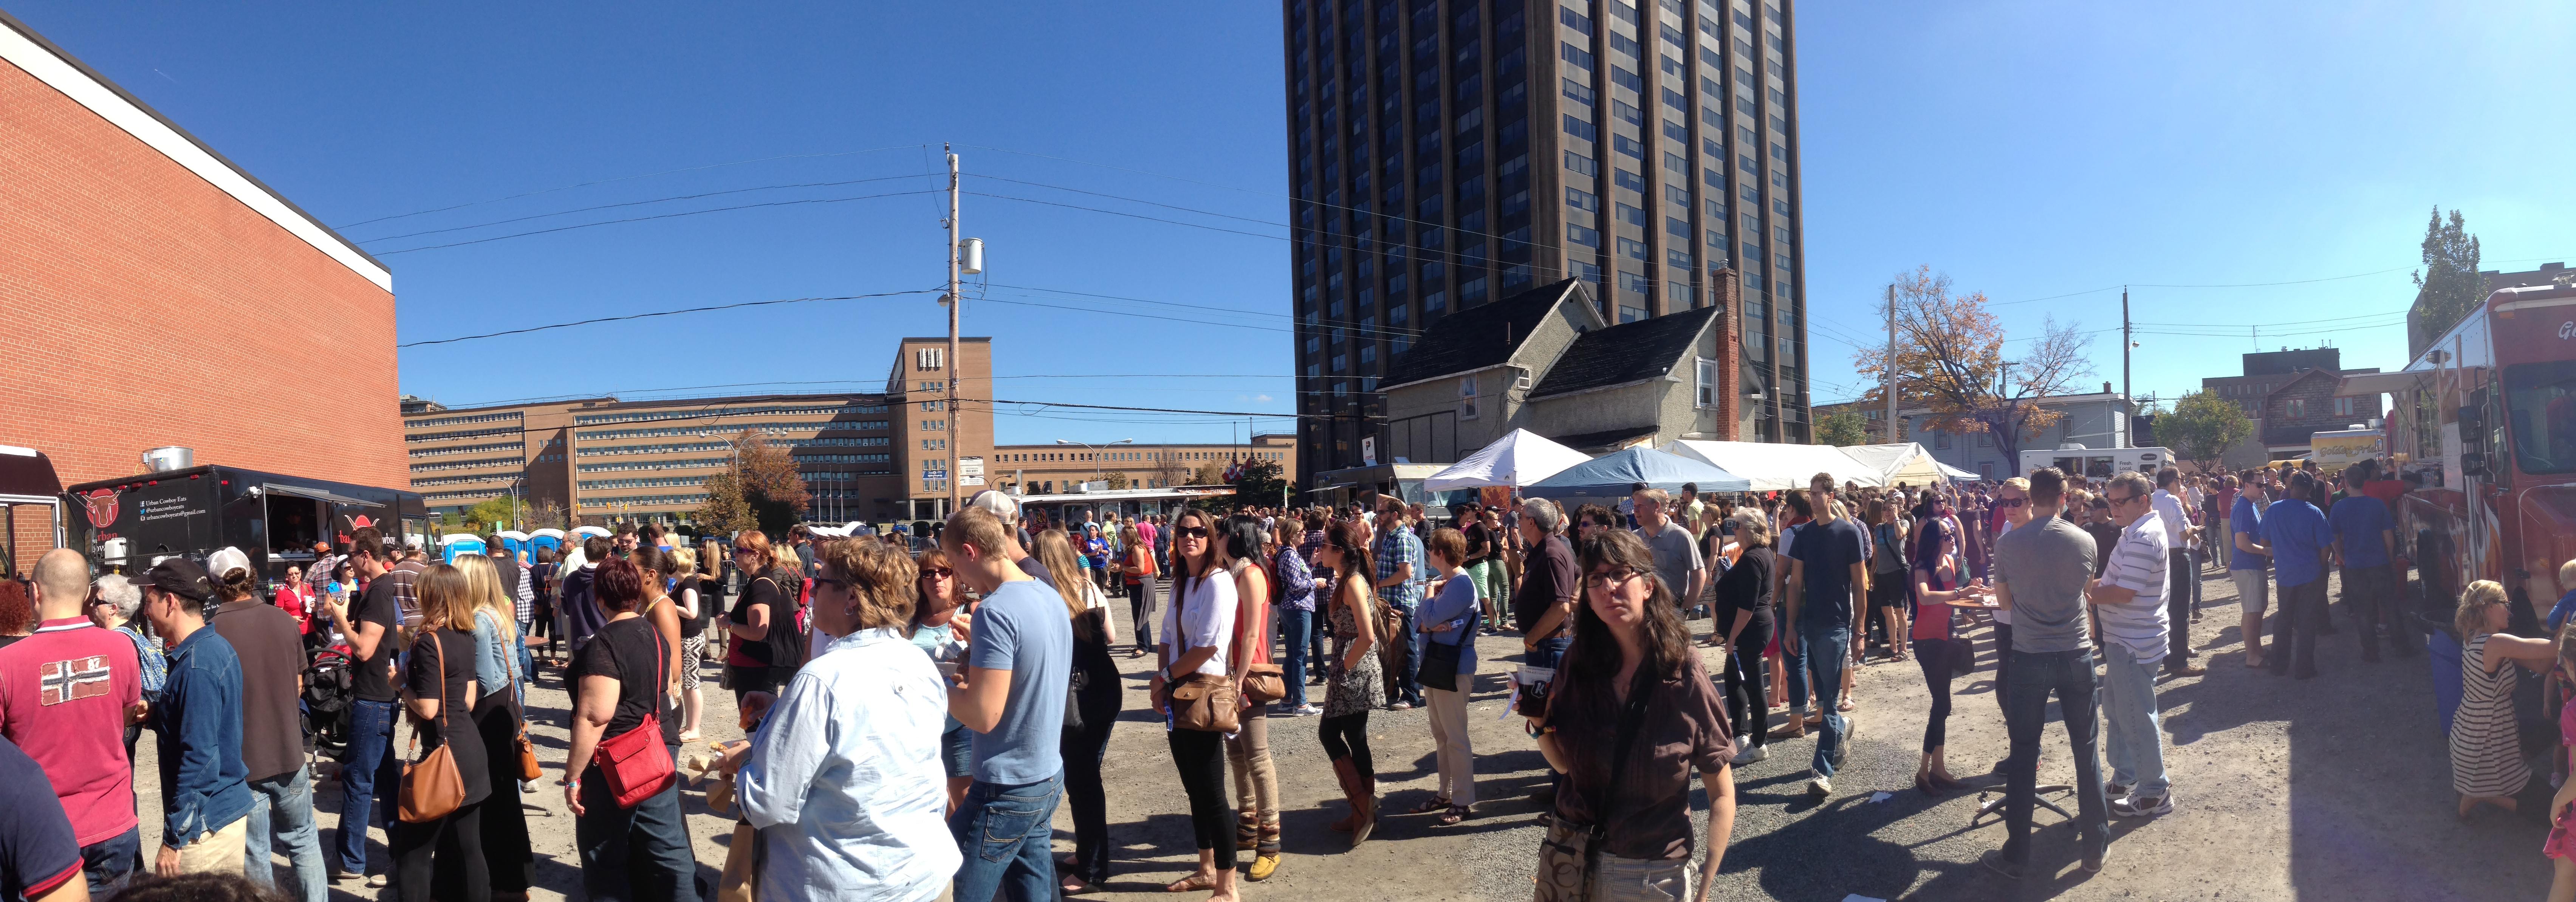 Food Truck Ottawa Festival